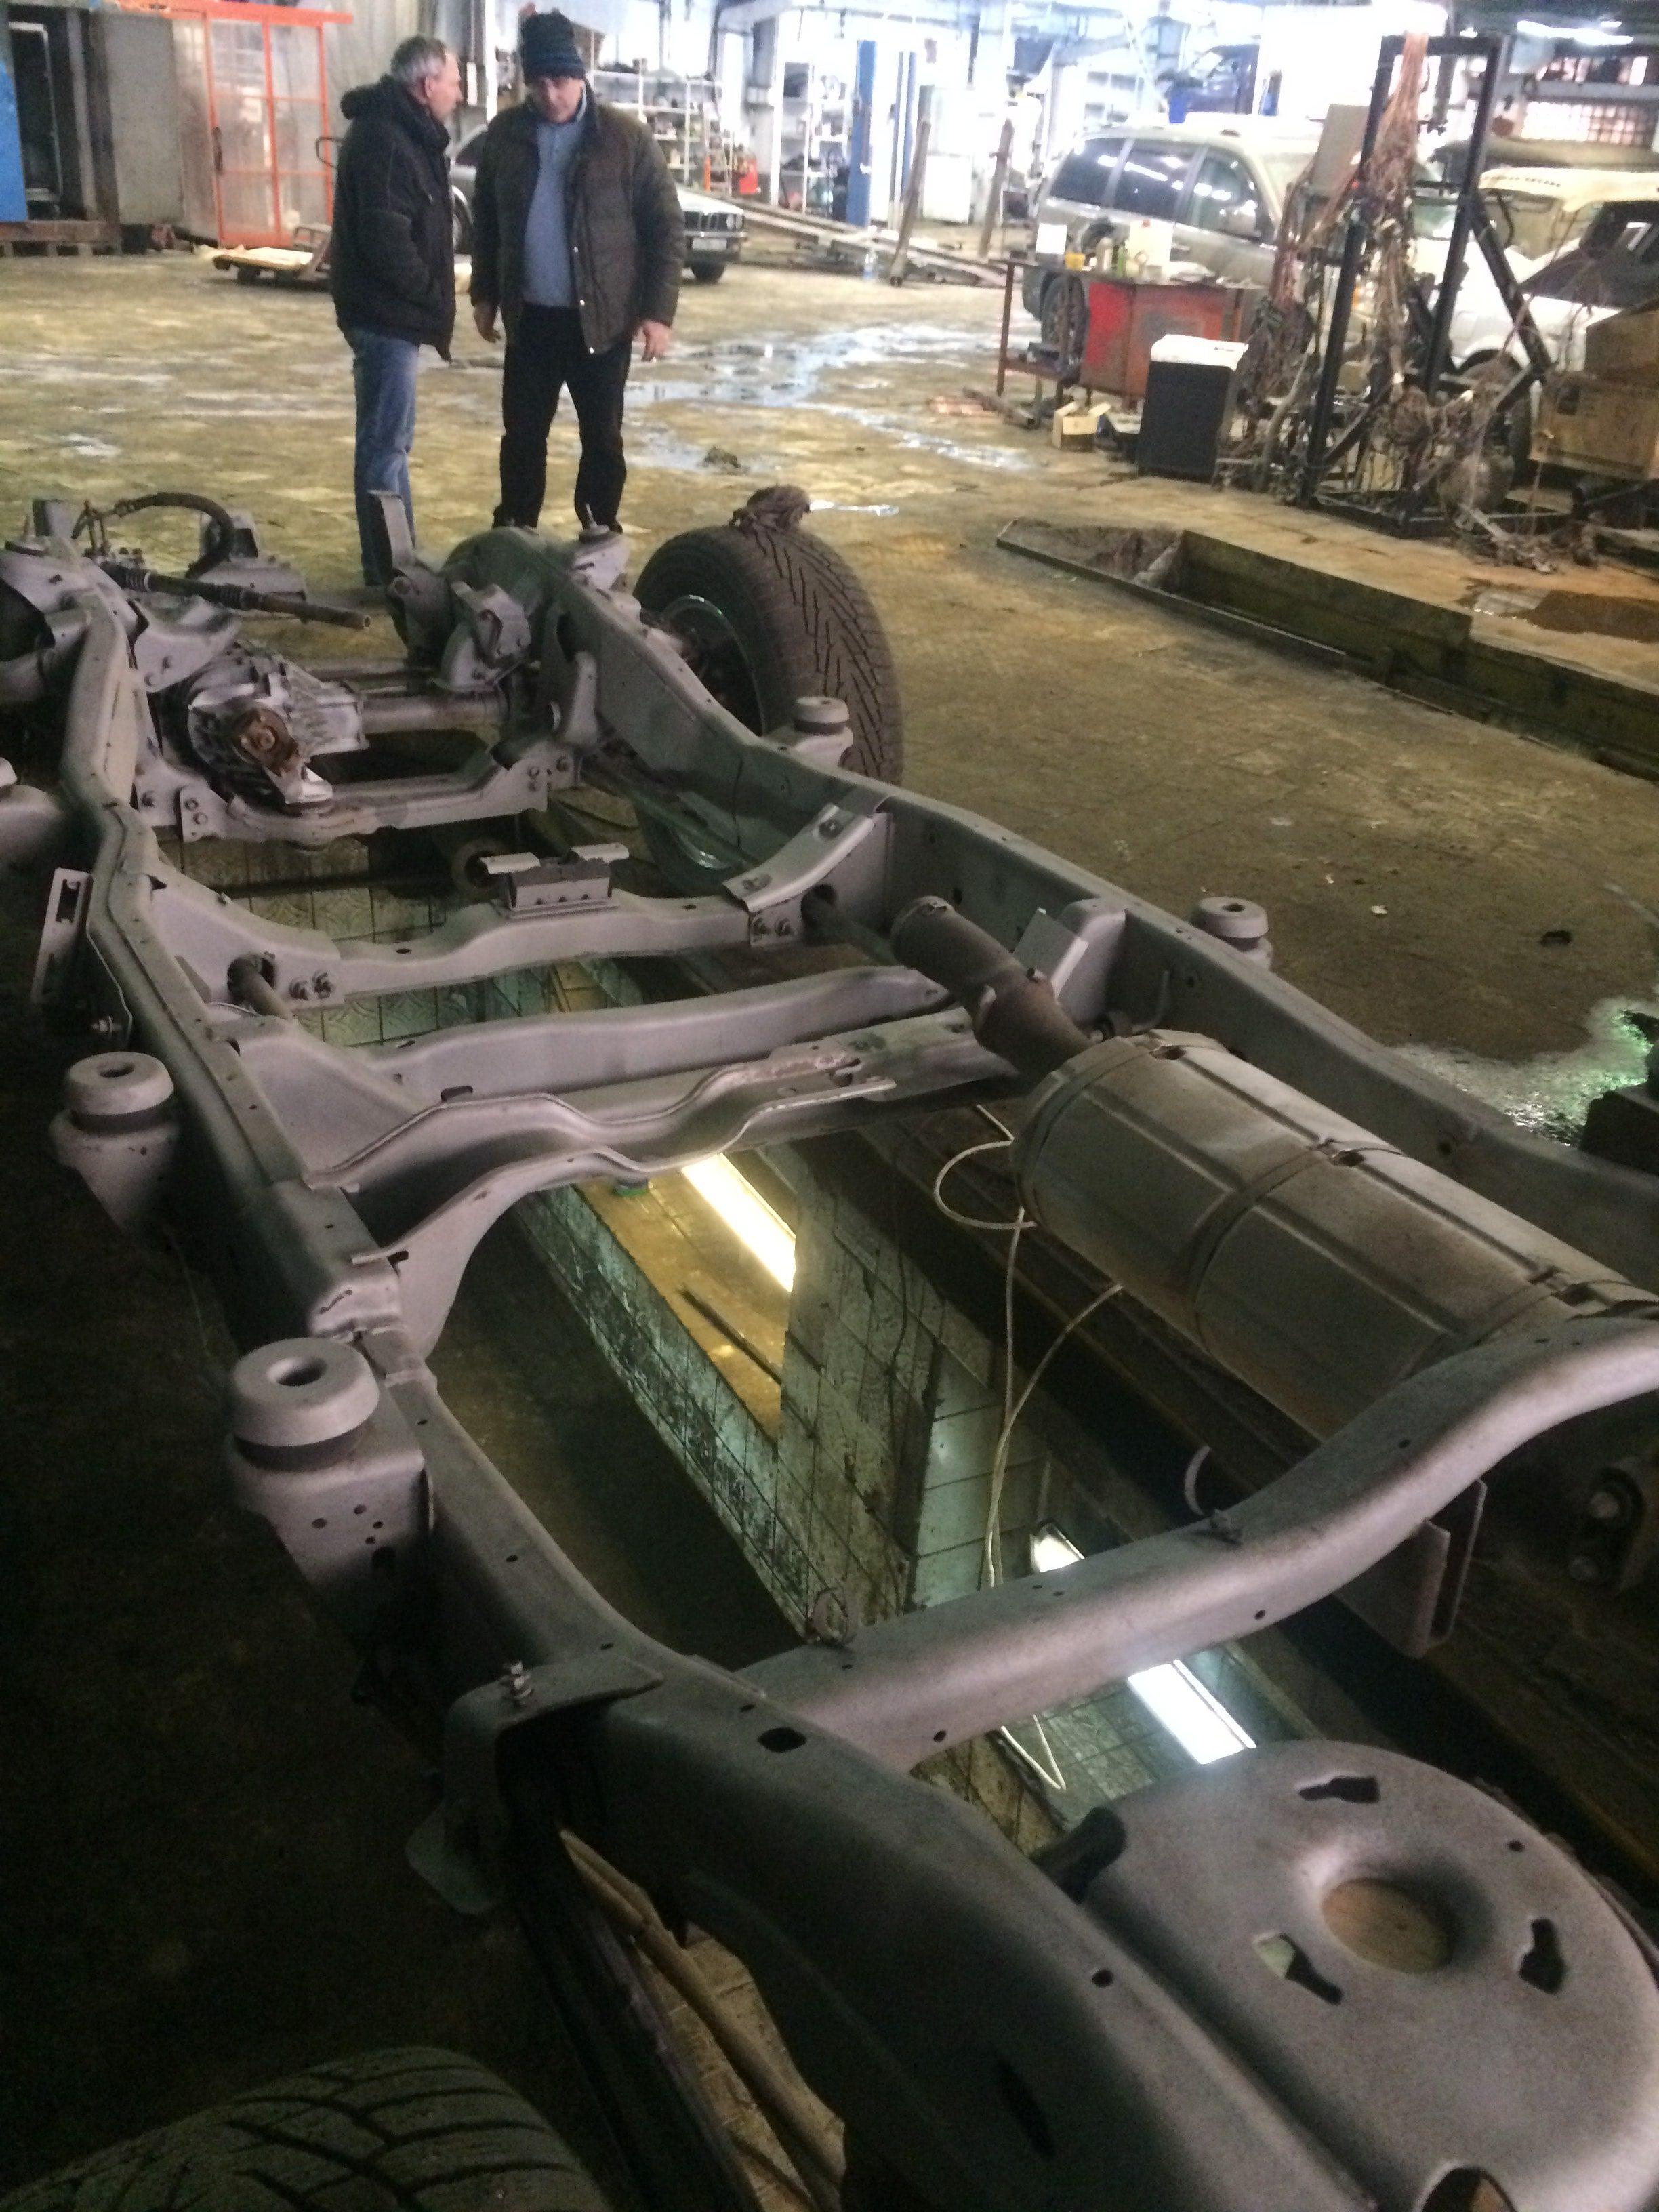 peskostrujnaya-obrabotka-uzlov-i-agregatov-avtomobilya-6